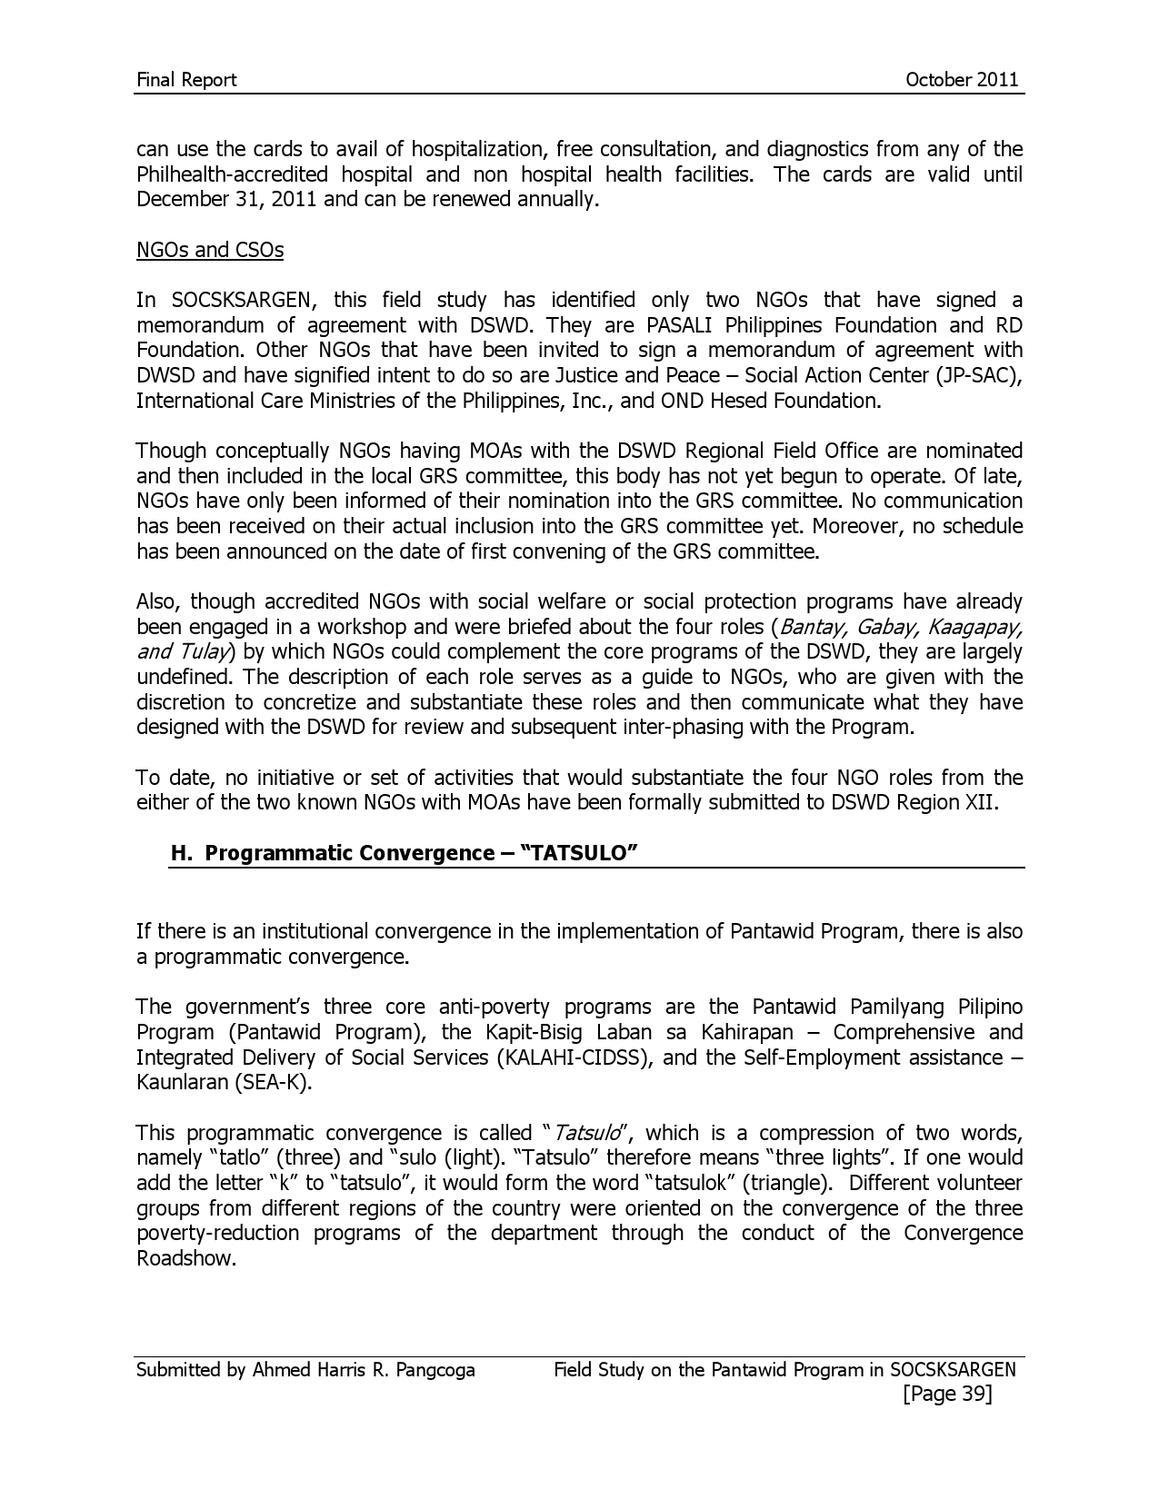 pantawid pamilyang pilipino program research paper